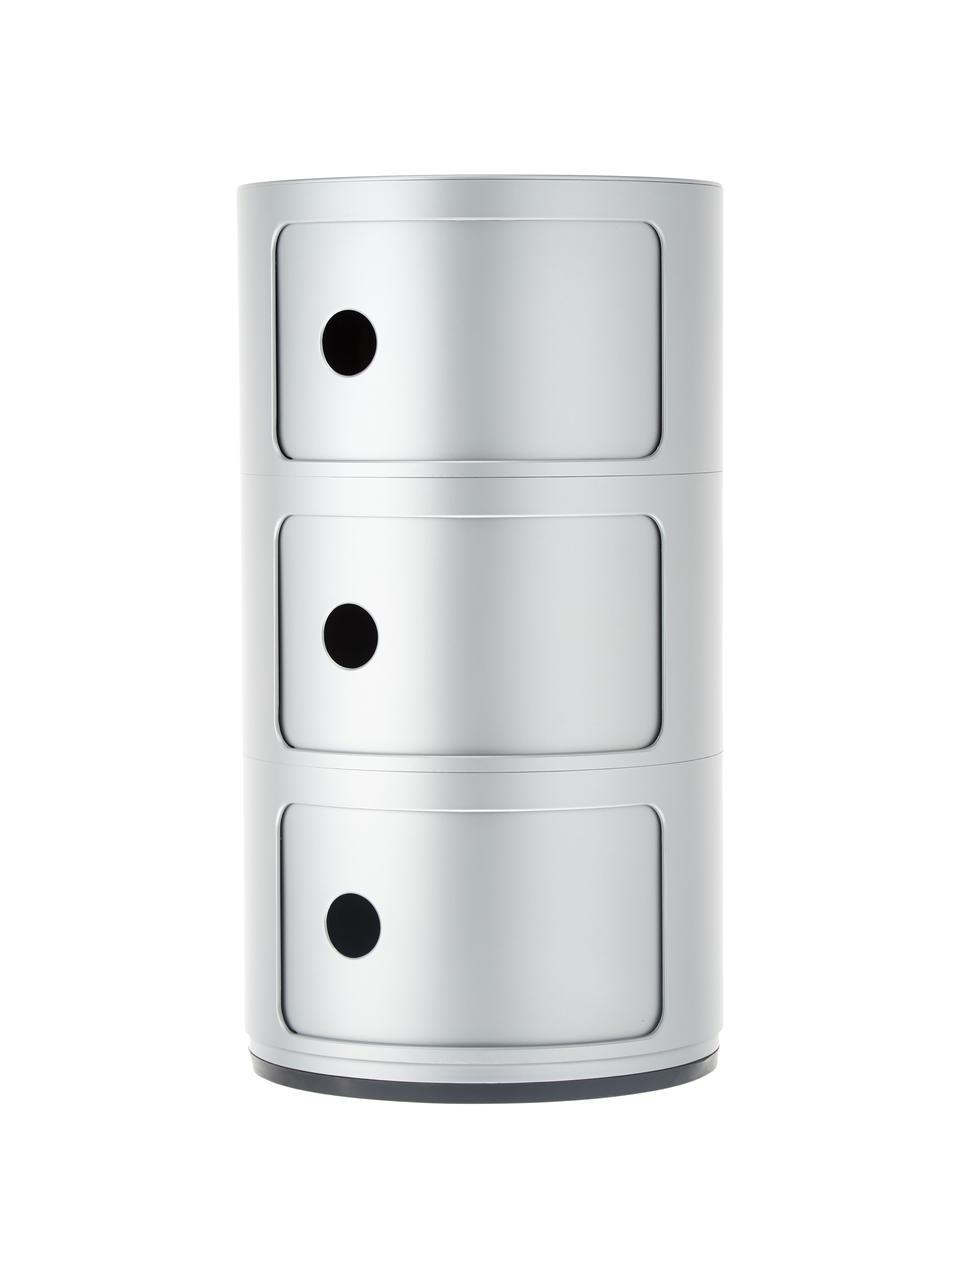 Stolik pomocniczy Componibile, Tworzywo sztuczne (ABS), lakierowane, Odcienie srebrnego, Ø 32 x W 59 cm